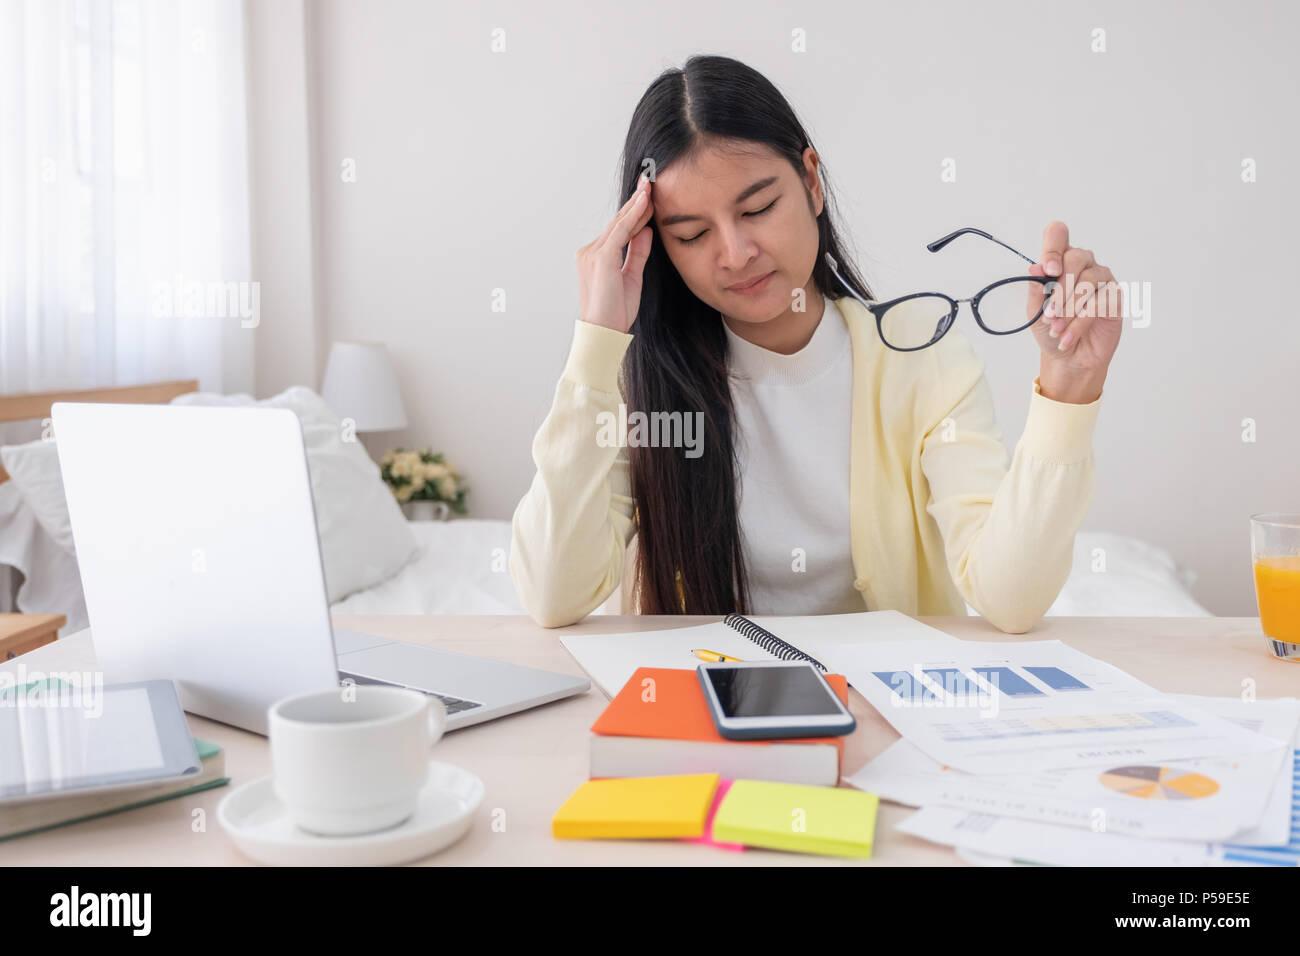 Mujeres asiáticas freelancer cefalea y estrés mientras se trabaja con el ordenador portátil sobre la mesa en el dormitorio en el hogar.Trabajo en casa concepto.trabajar desde casa concepto Imagen De Stock